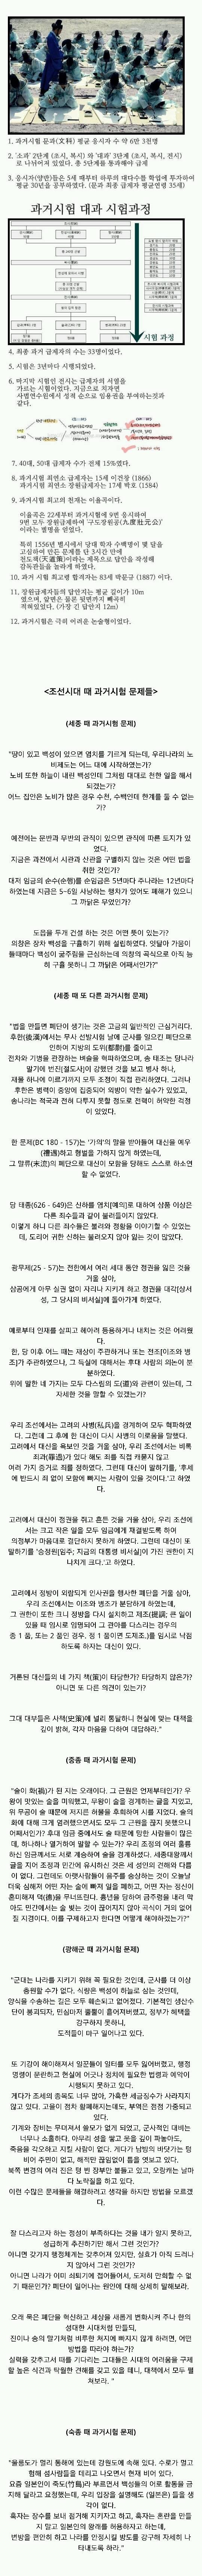 조선시대 과거 시험 난이도 체감.jpg | 인스티즈